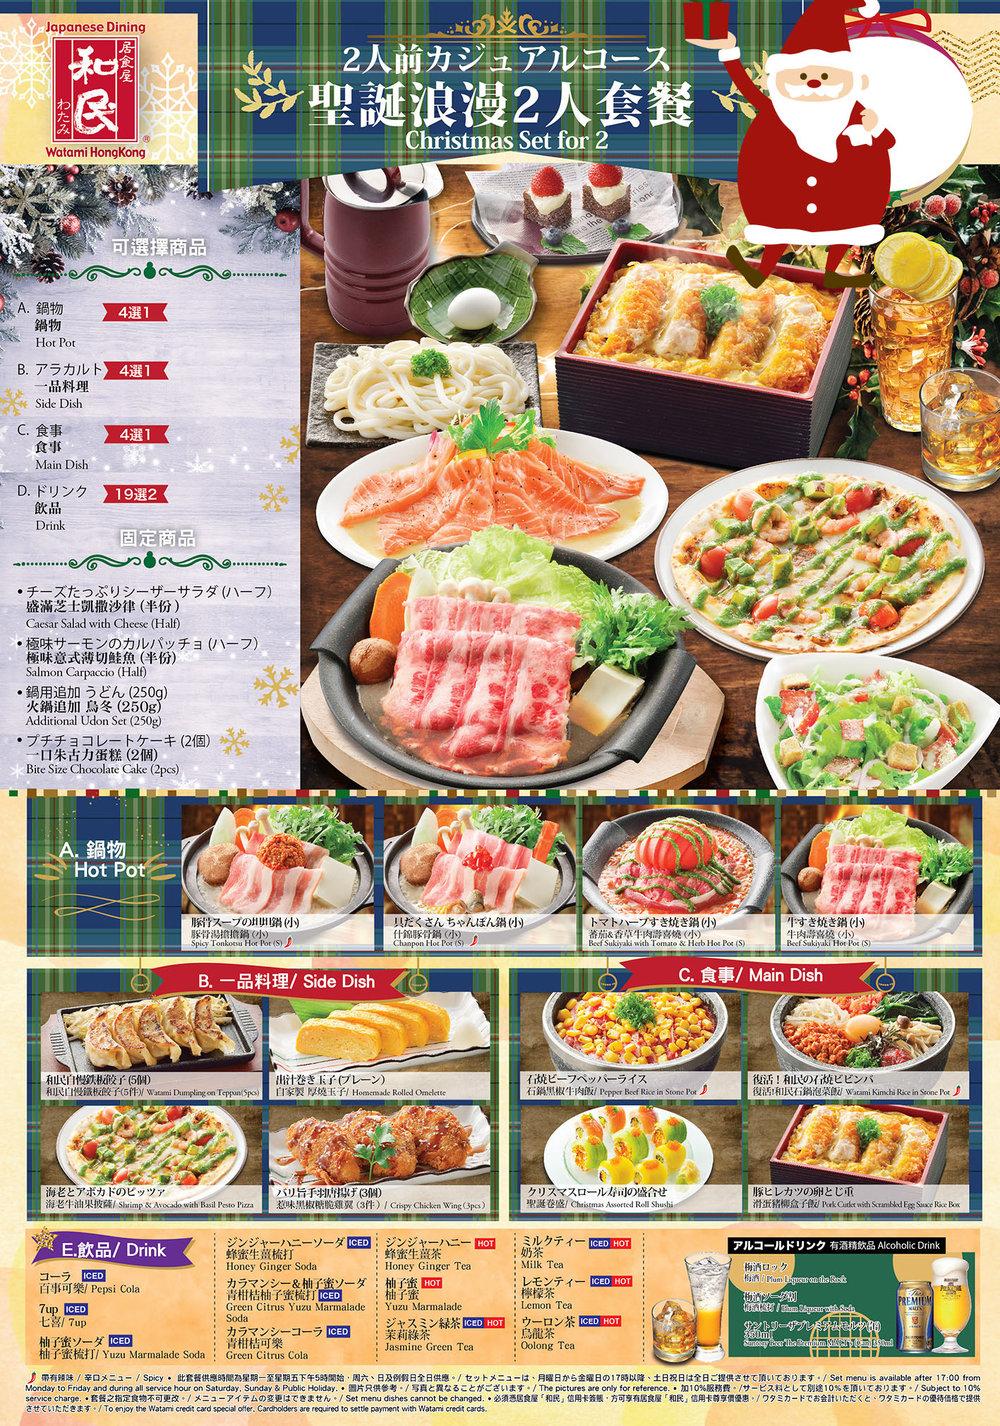 Watami_xmas menu201#3732D7E copy.jpg